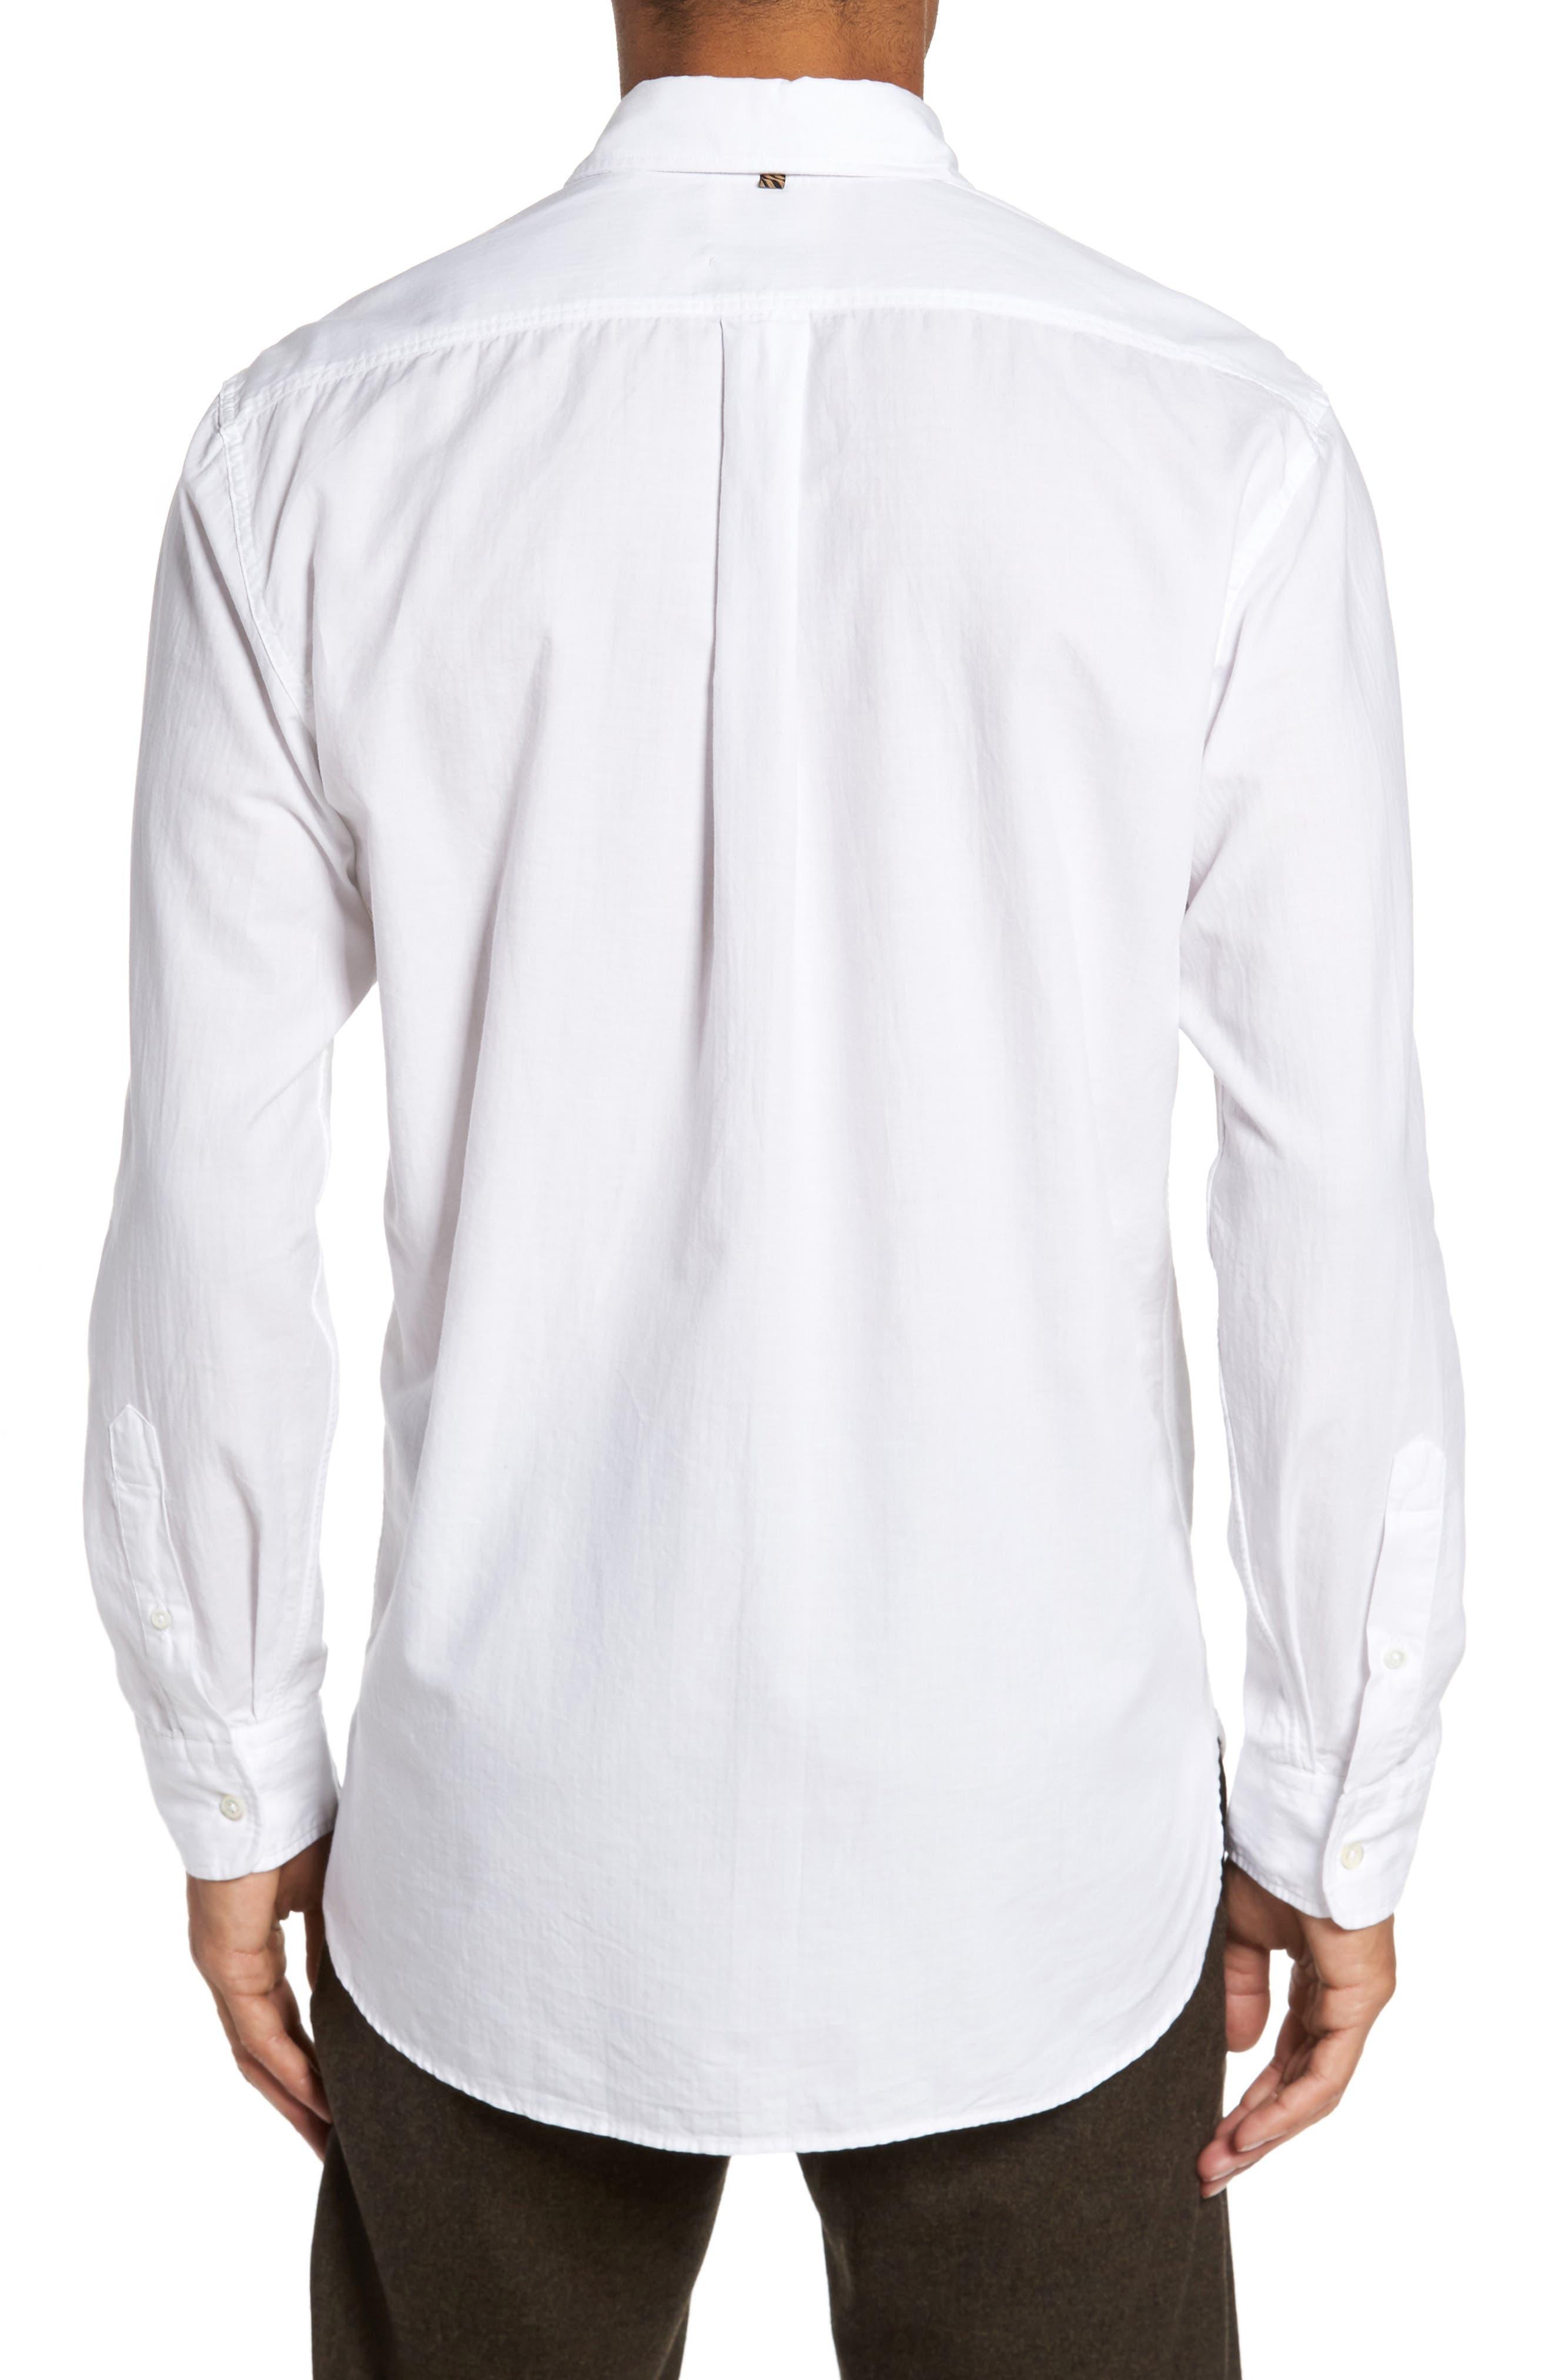 Irvine Sport Shirt,                             Alternate thumbnail 2, color,                             100